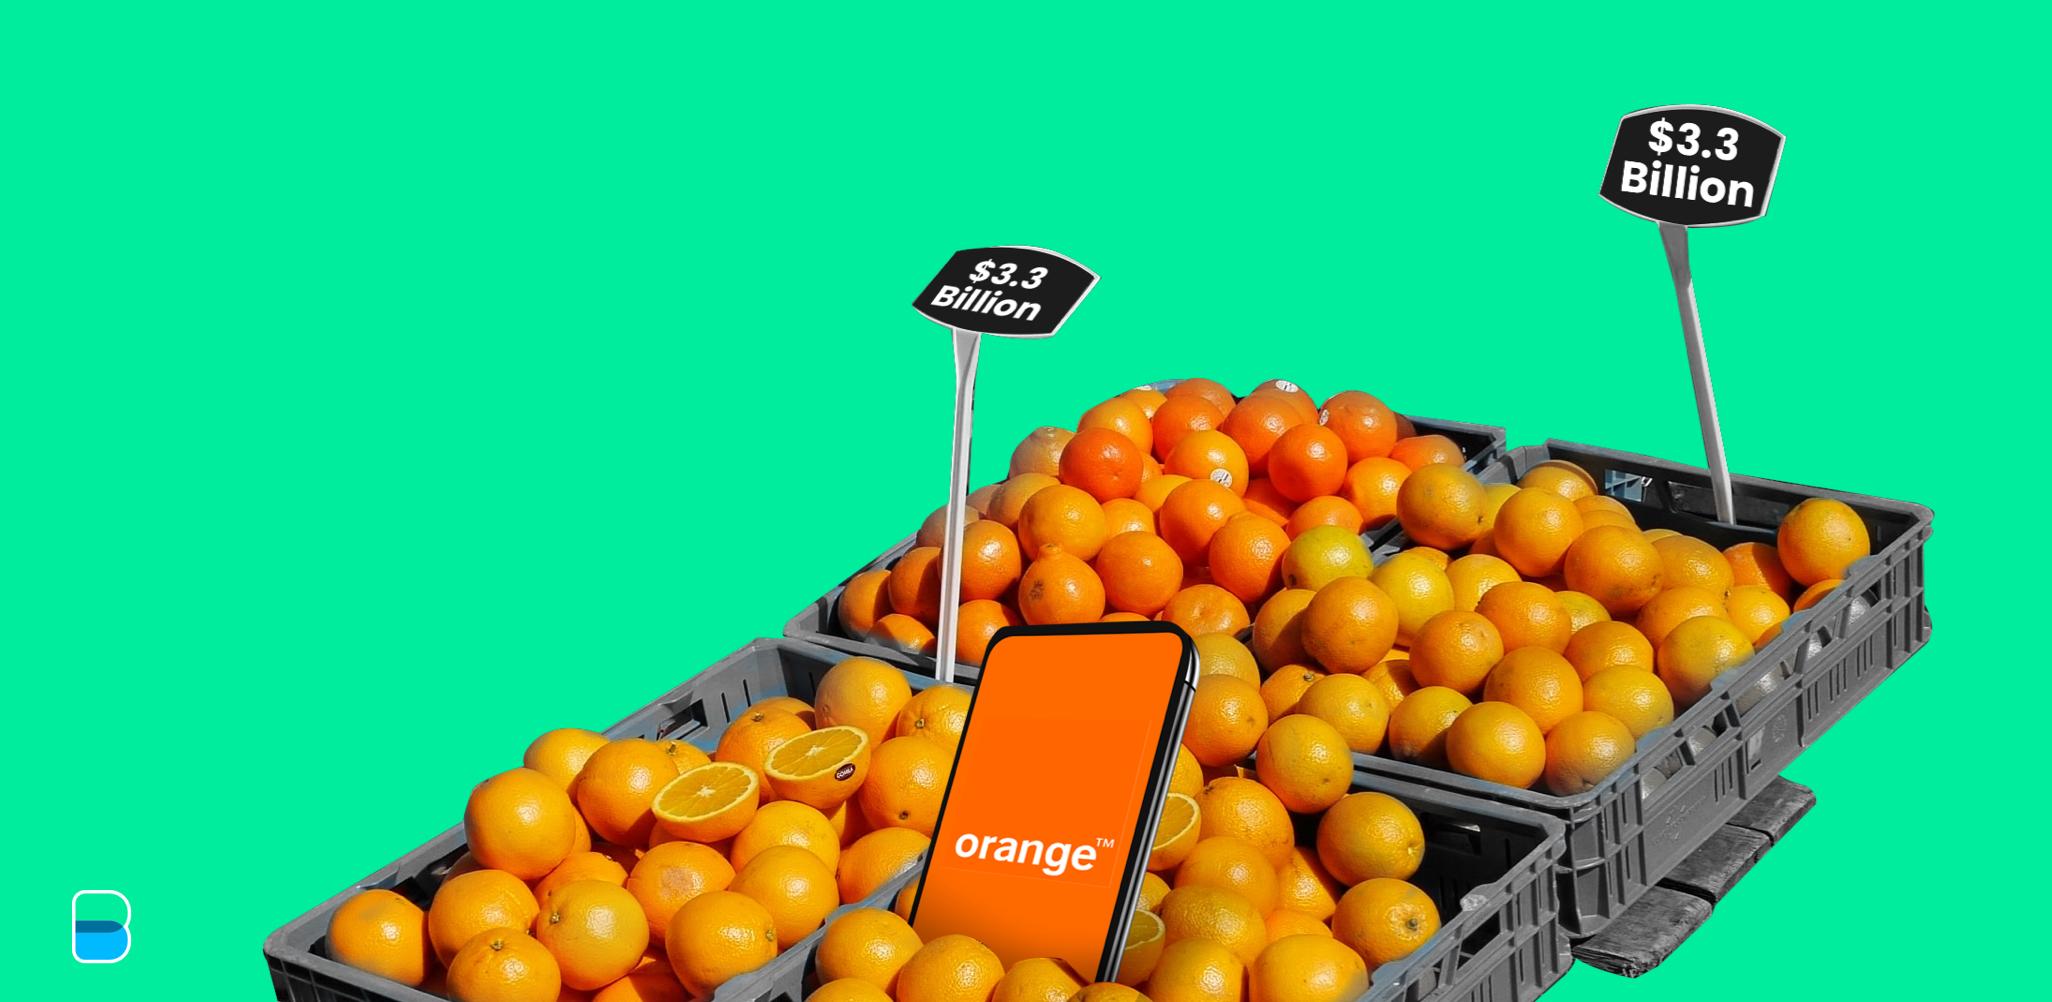 Orange sells billions of assets to go rural